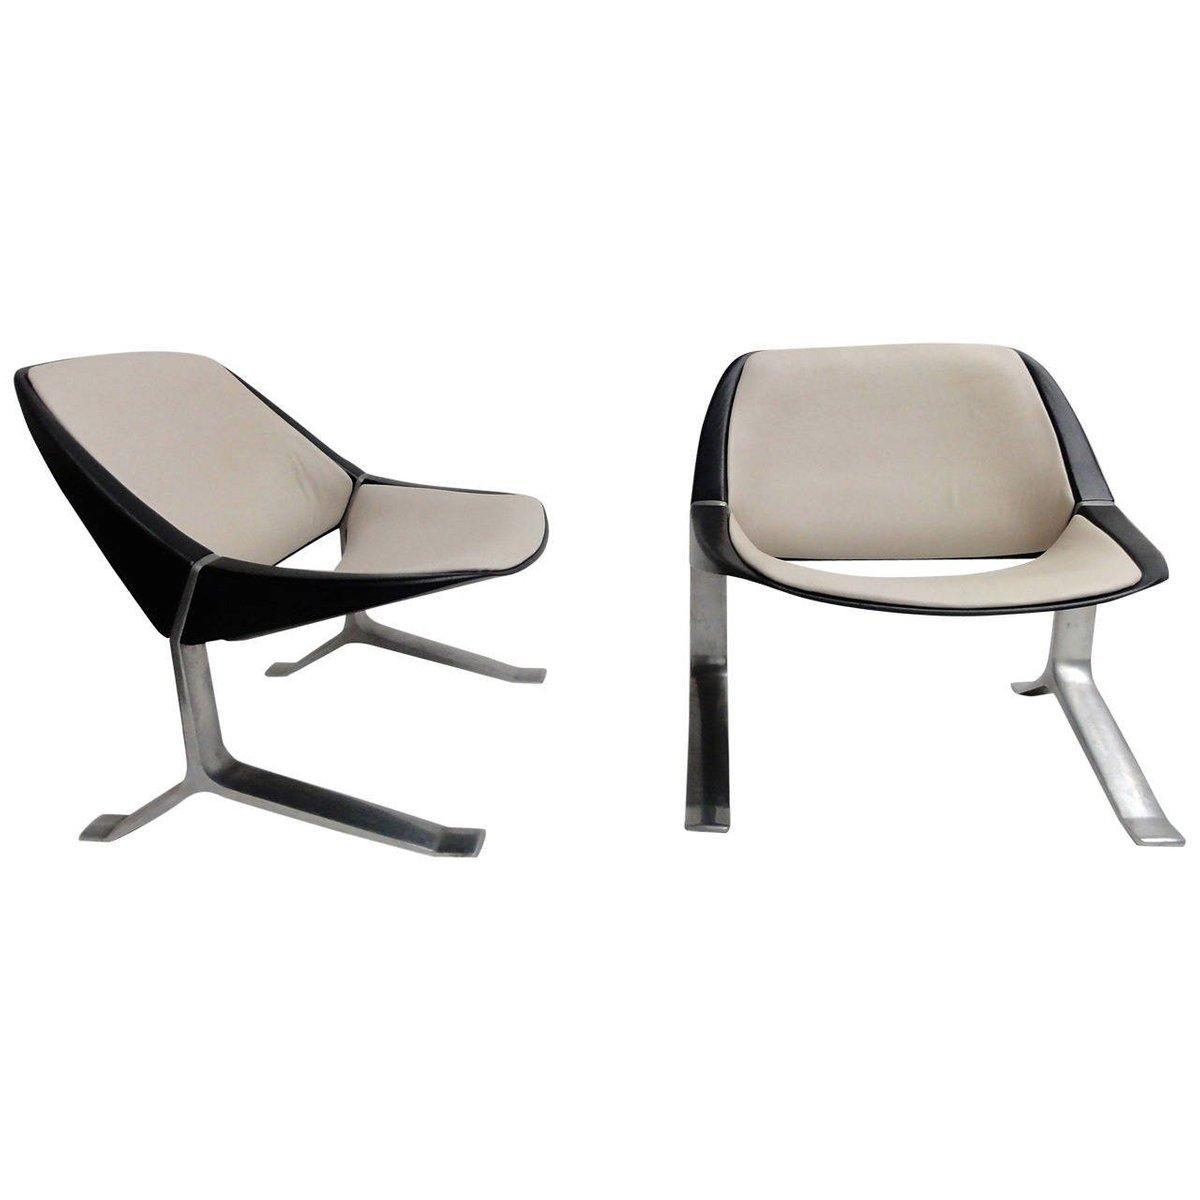 Vintage Sessel von Knut Hesterberg, 1970er, 2er Set